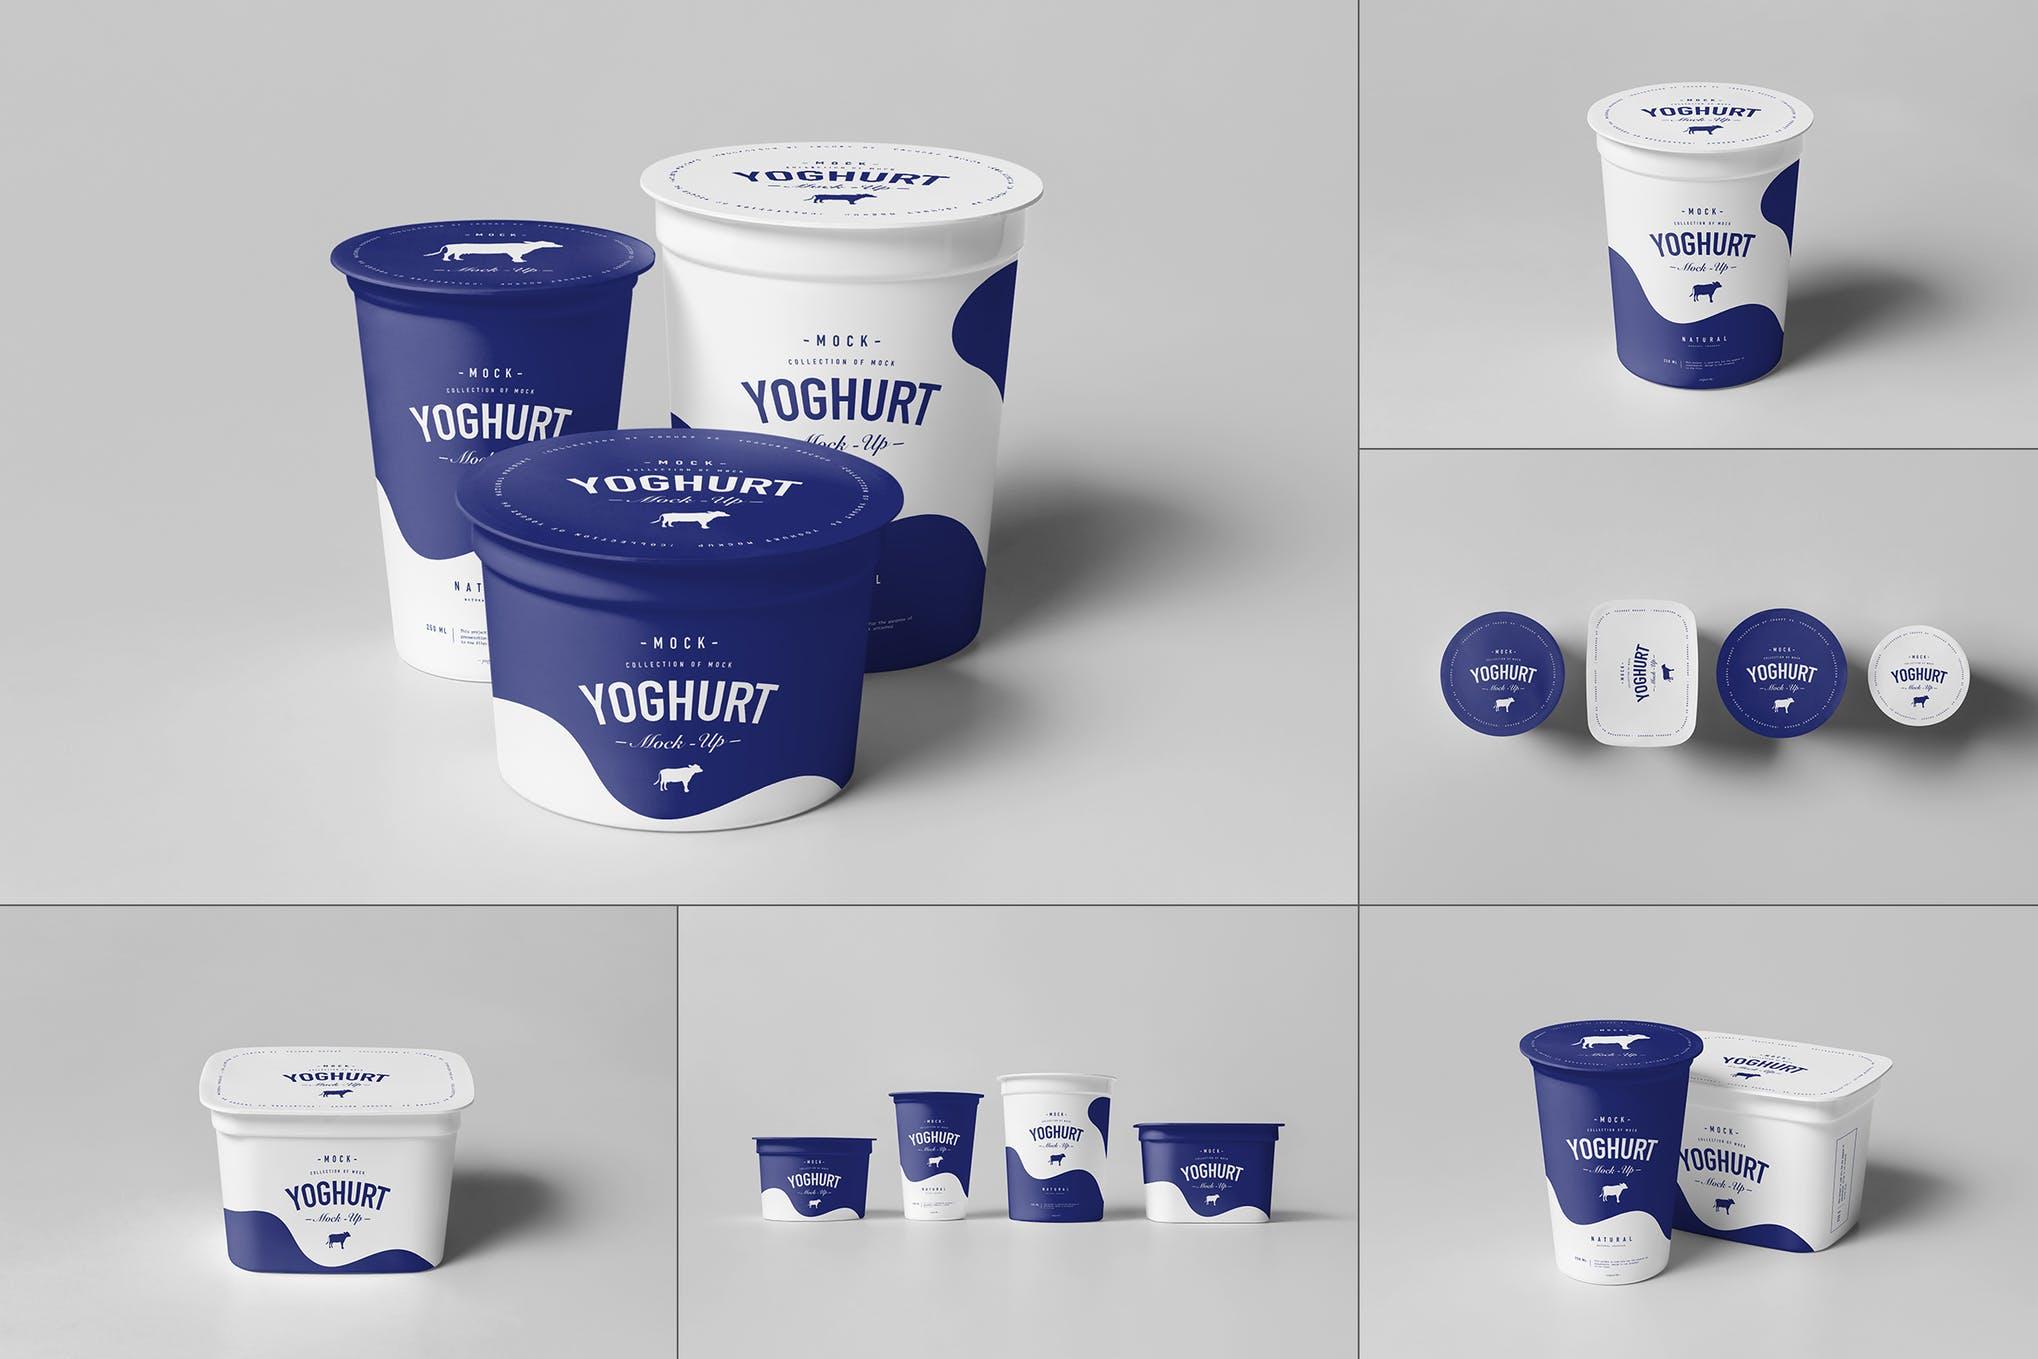 3种款式酸奶包装盒 Ver.2 样机效果图插图(1)